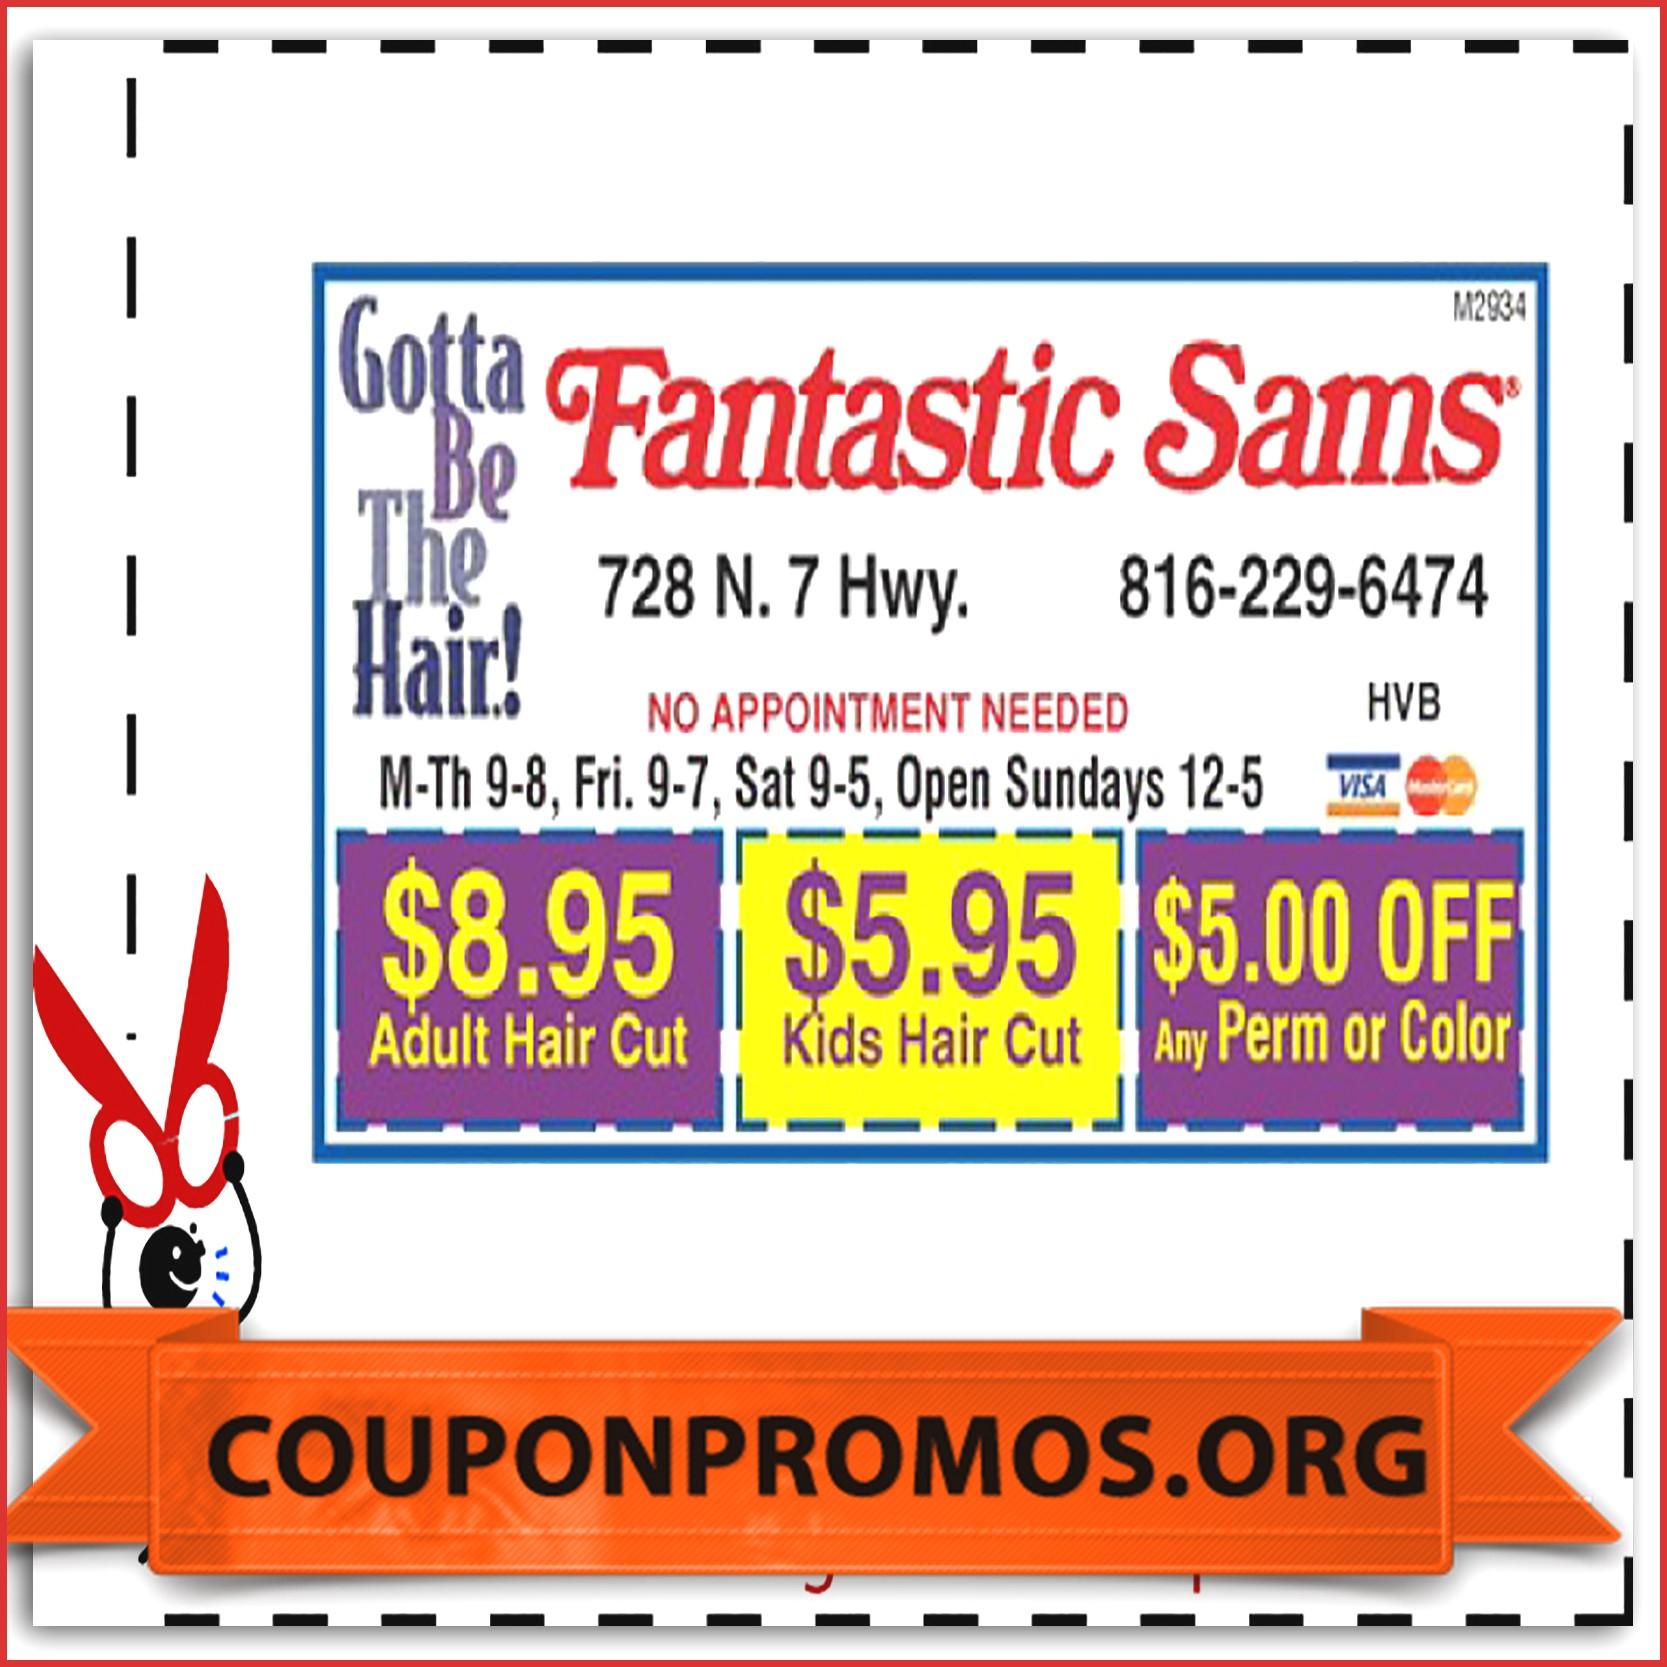 Inspirational Coupon Printable | Resume Pdf - Free Printable Coupons For Fantastic Sams